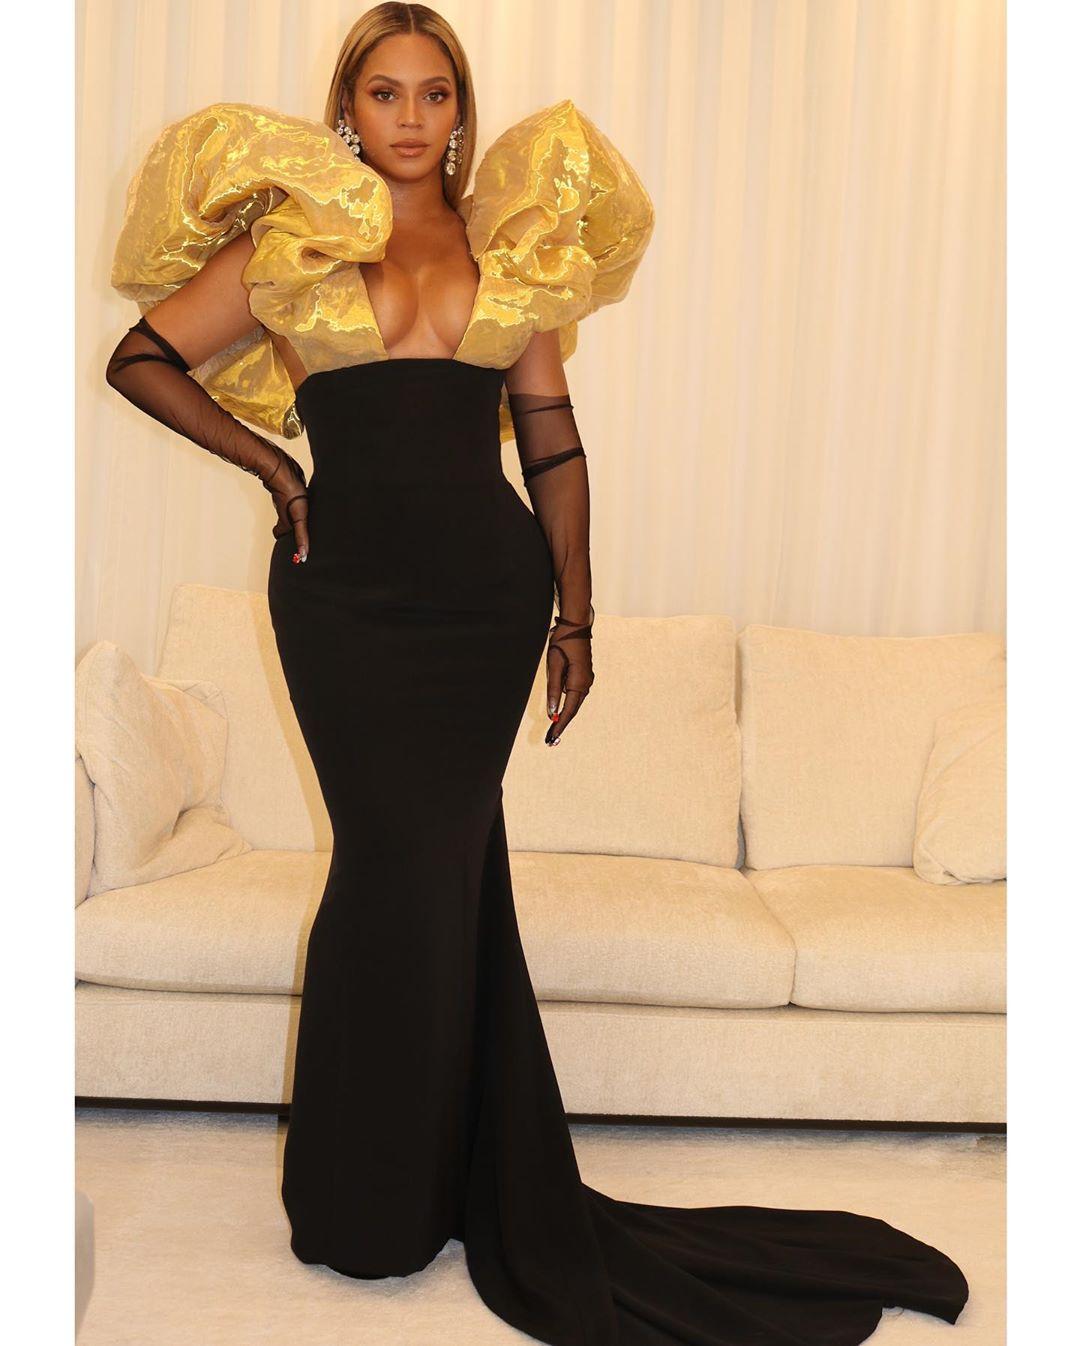 بيونسيه في فستان باللونين الأسود والذهبي